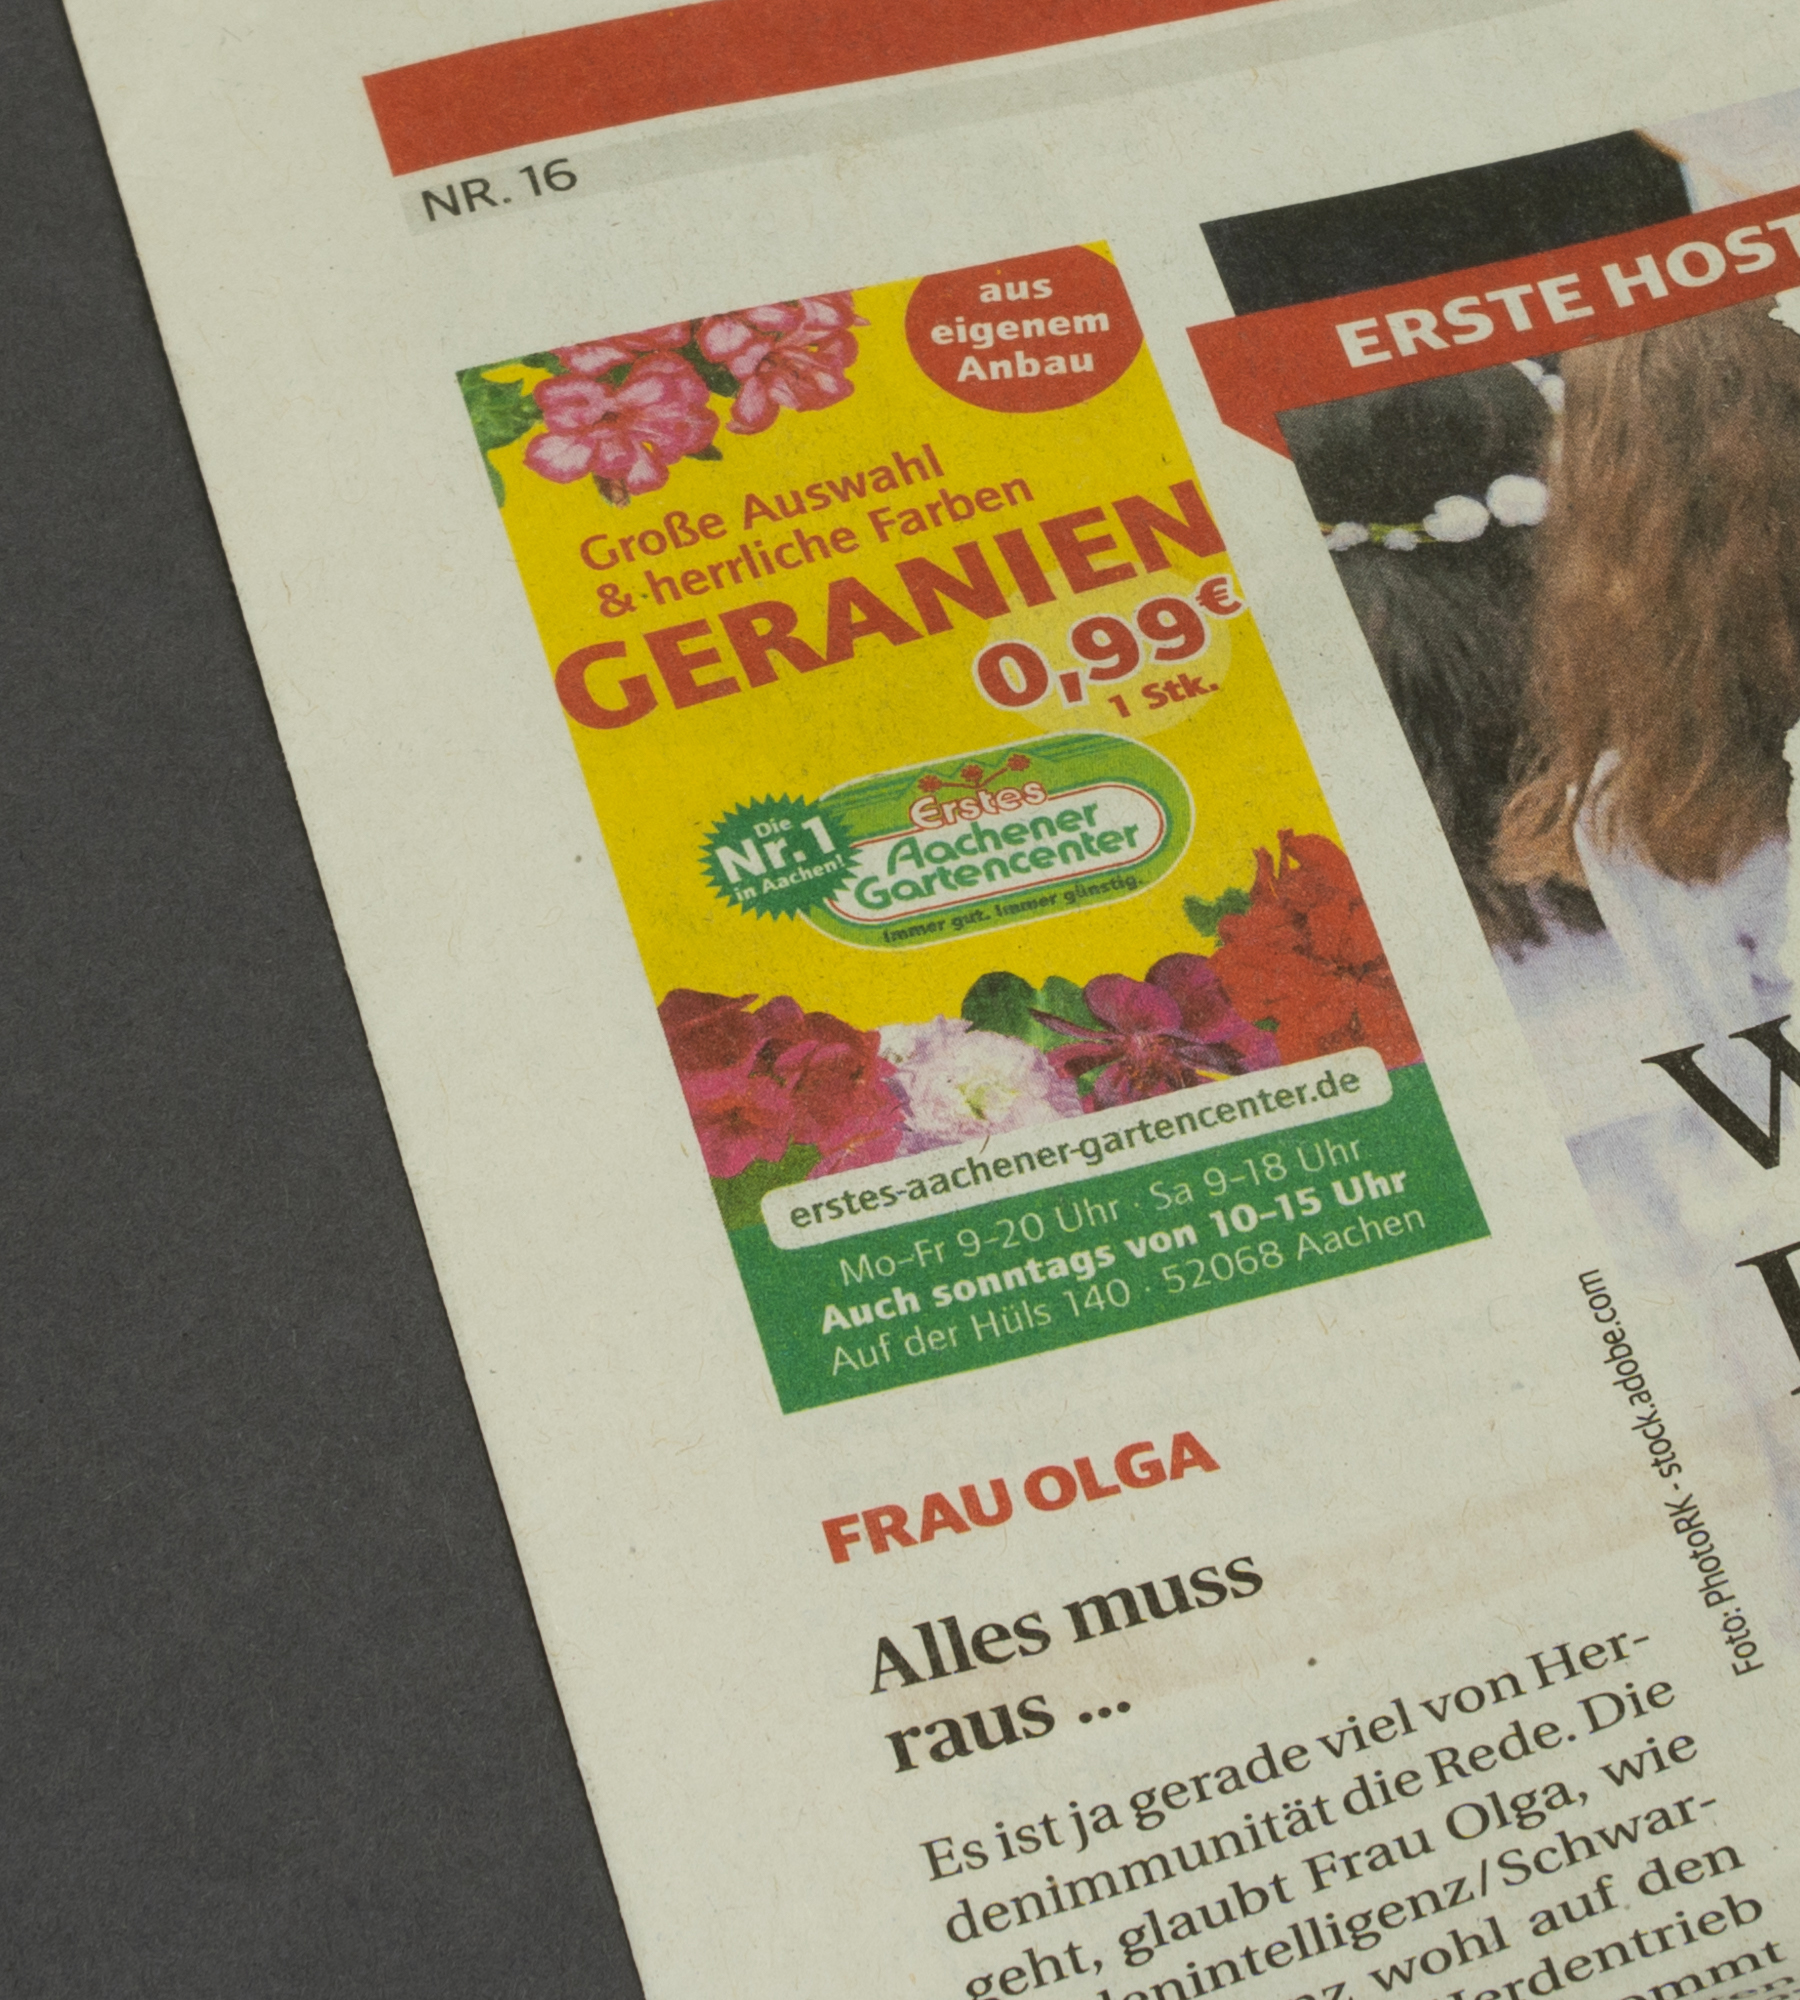 Geranien Anzeigengestaltung Erstes Aachener Gartencenter im Super Sonntag